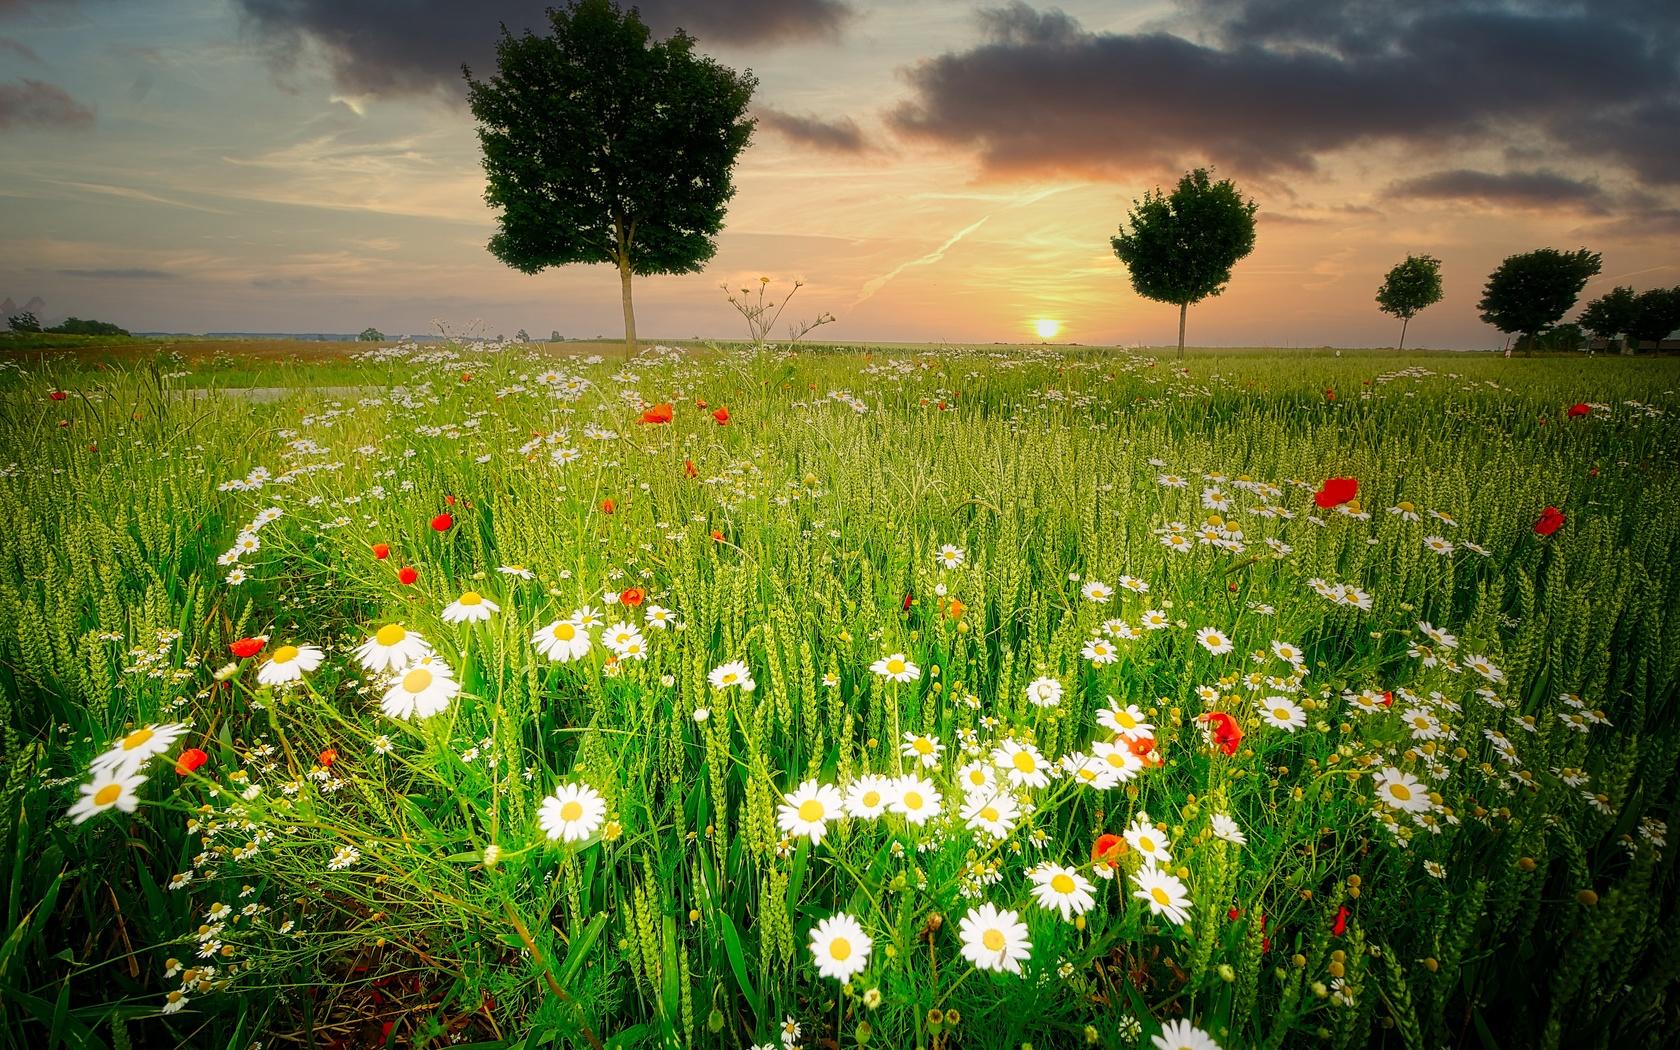 ромашки, цветы, пейзаж, деревья, трава, поле, закат, маки